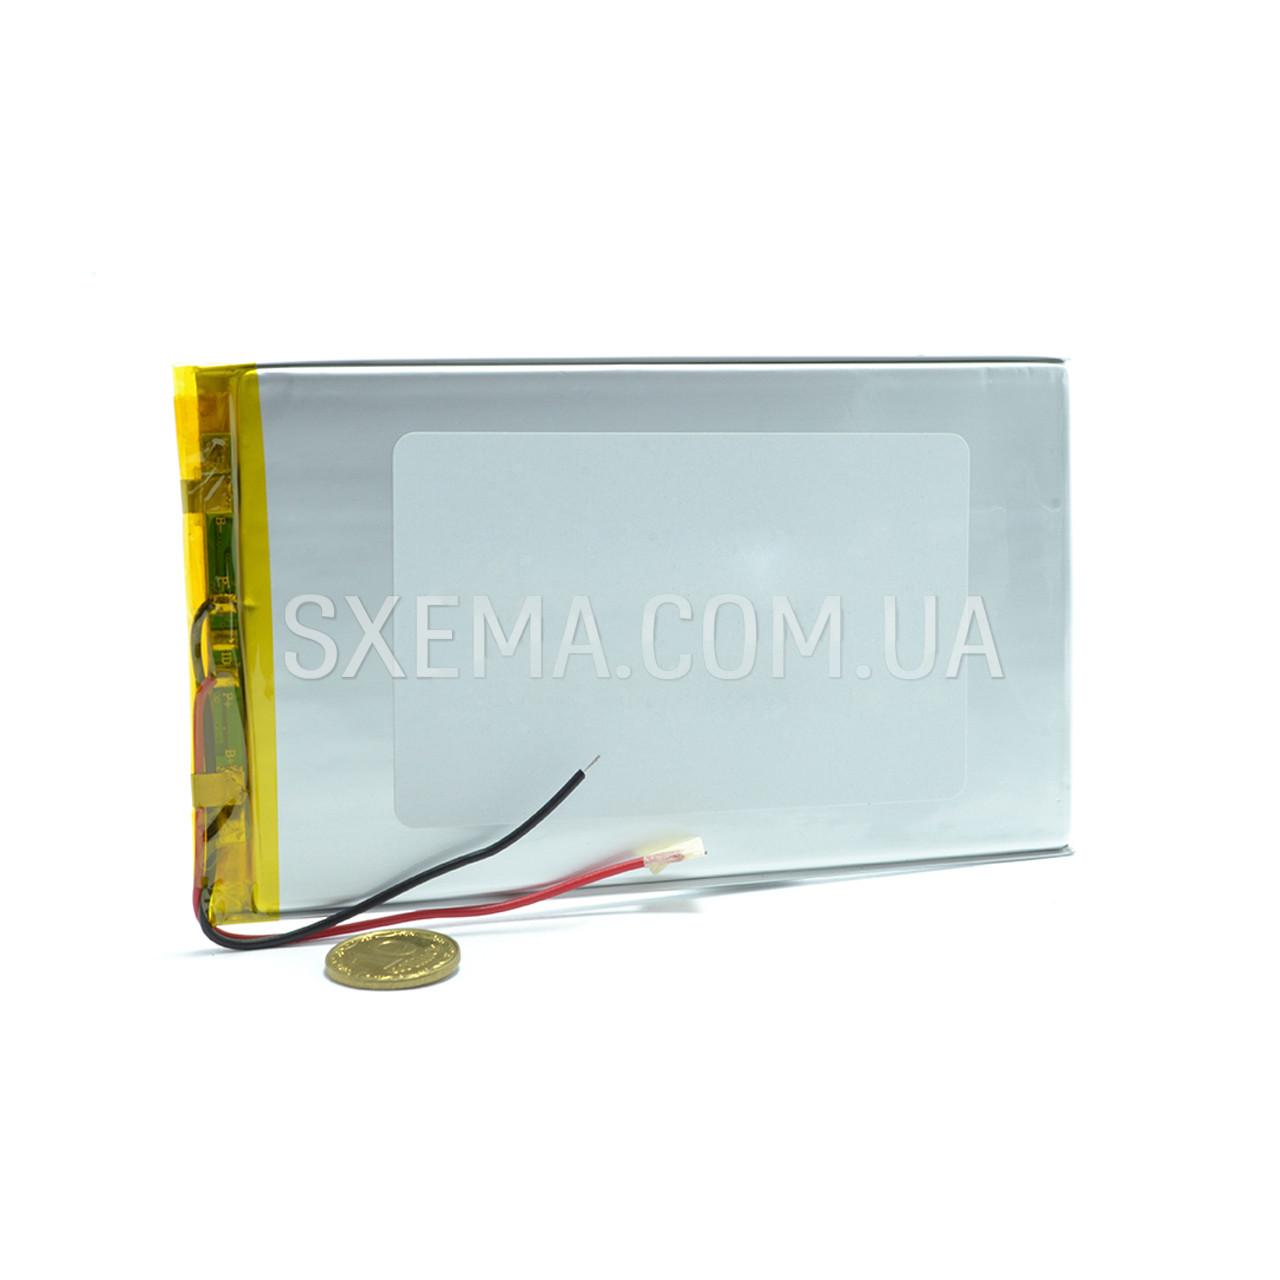 Аккумулятор универсальный 0596108 (Li-ion 3.7В 7000мА·ч), (108*96*5 мм)